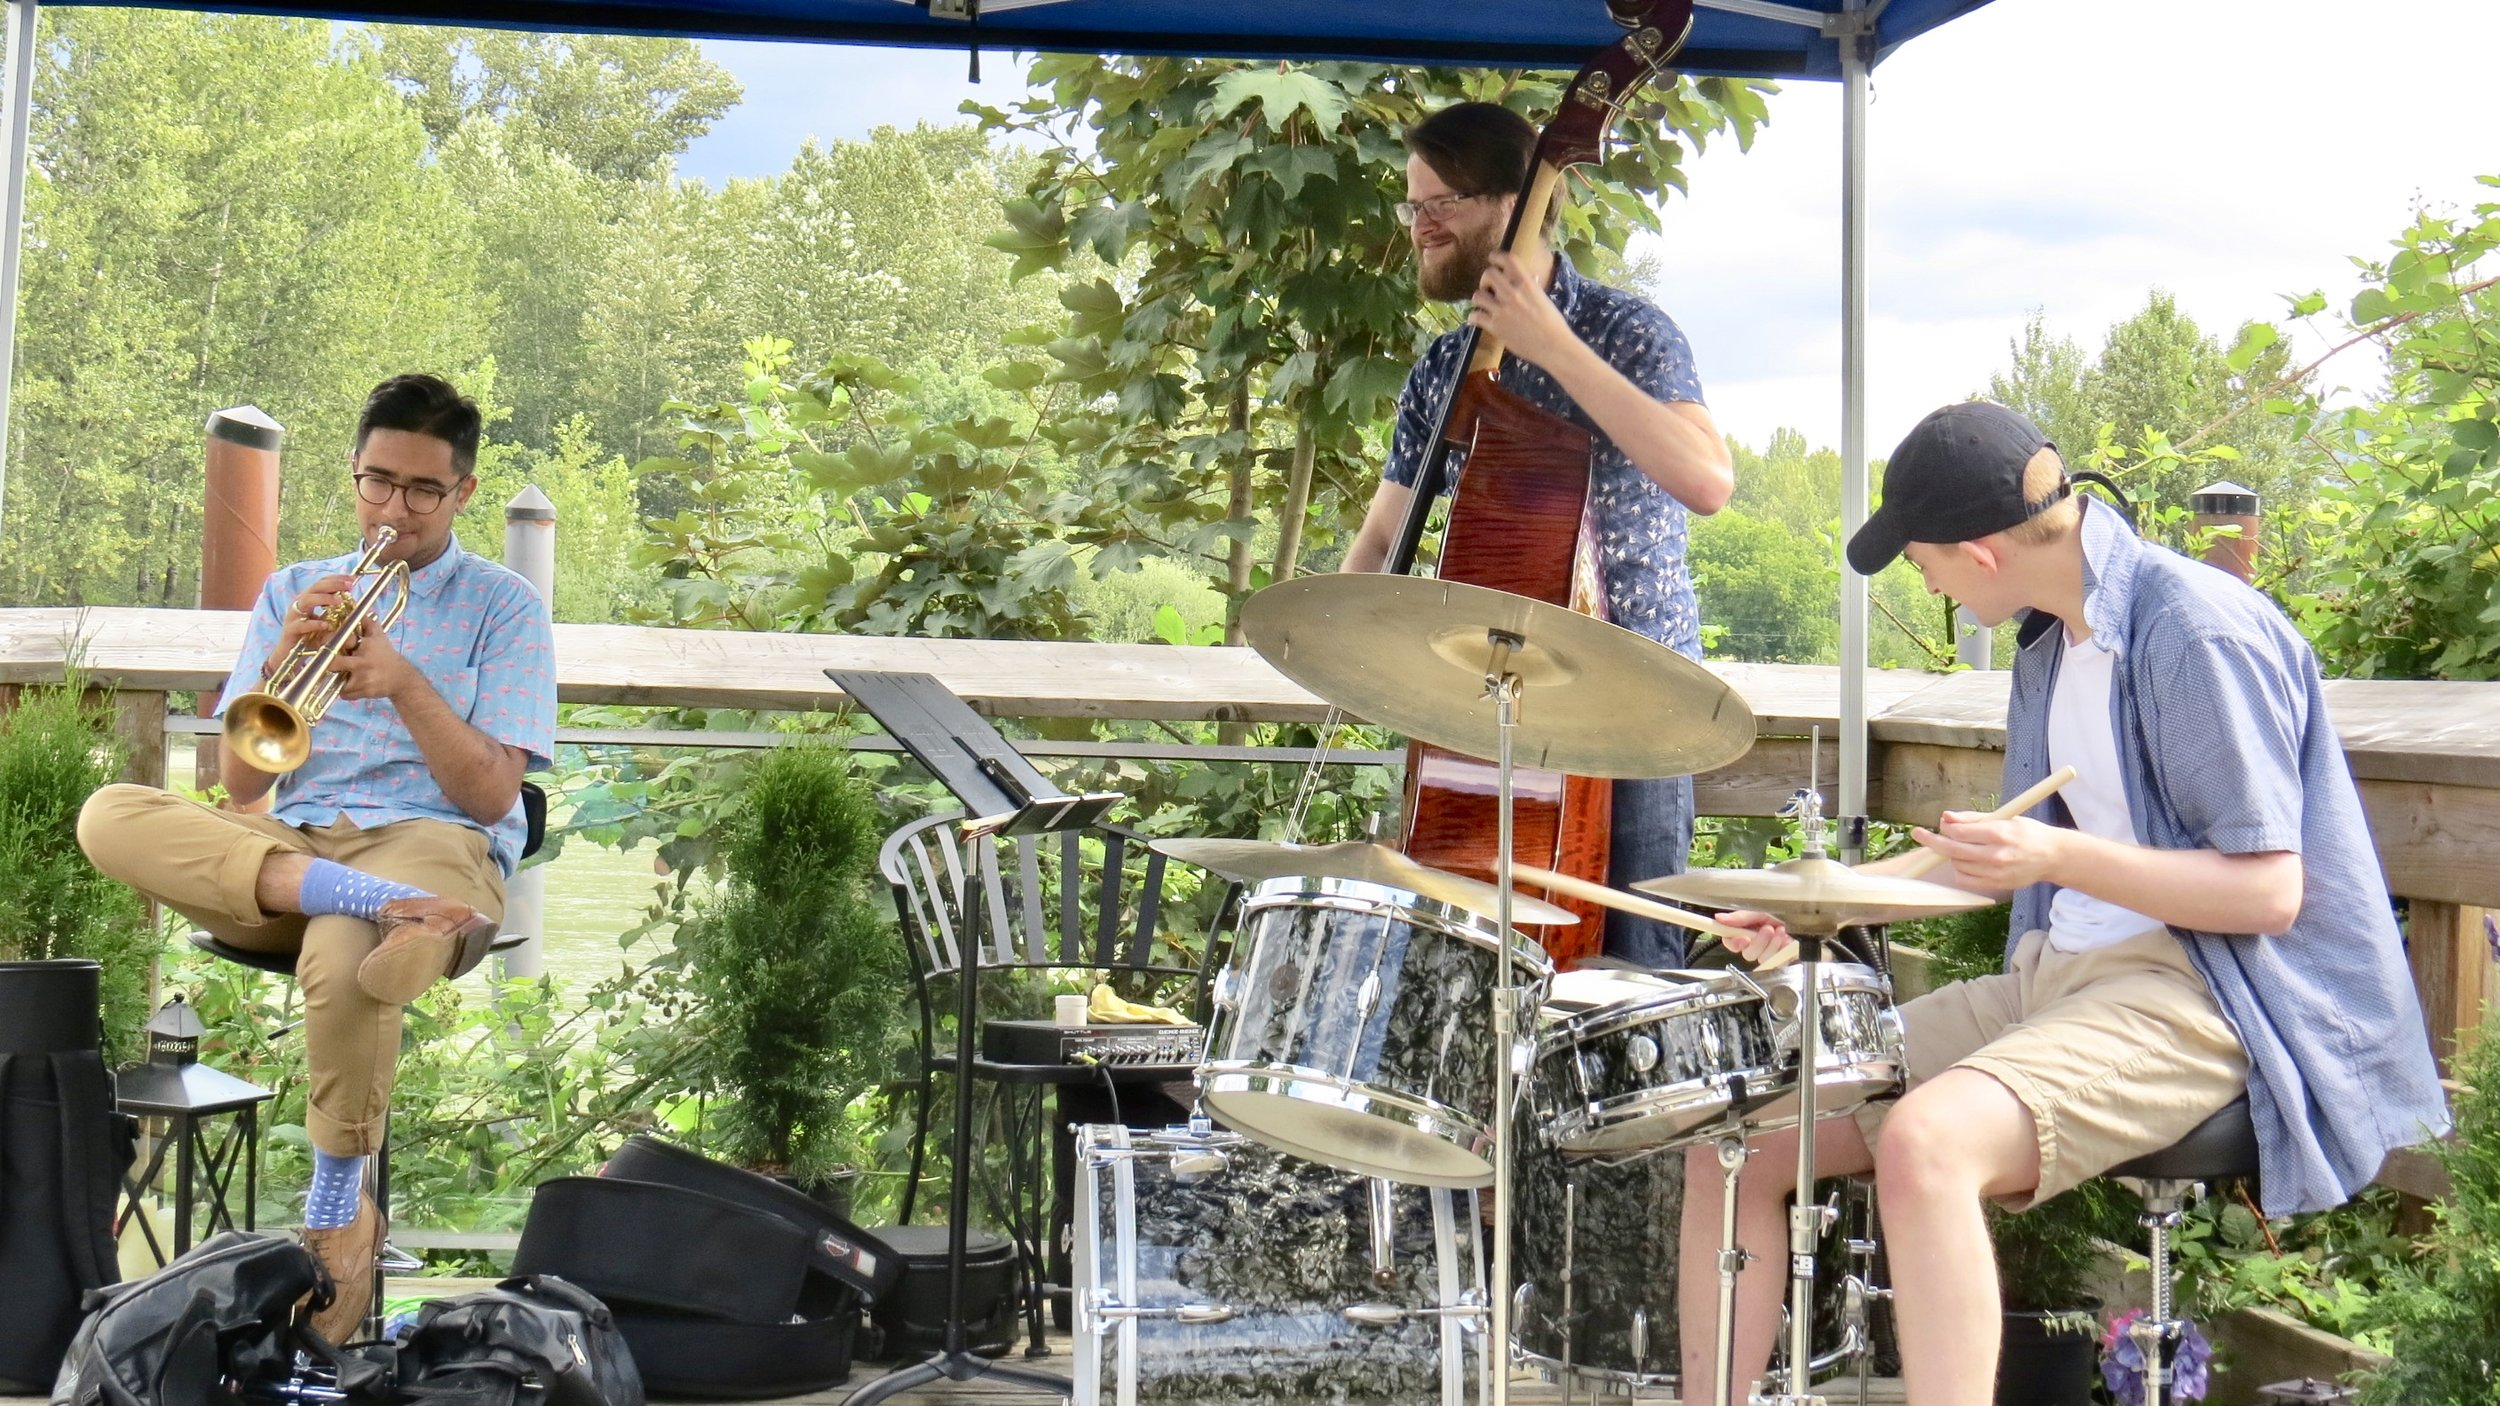 The Ilhan Safereli Trio